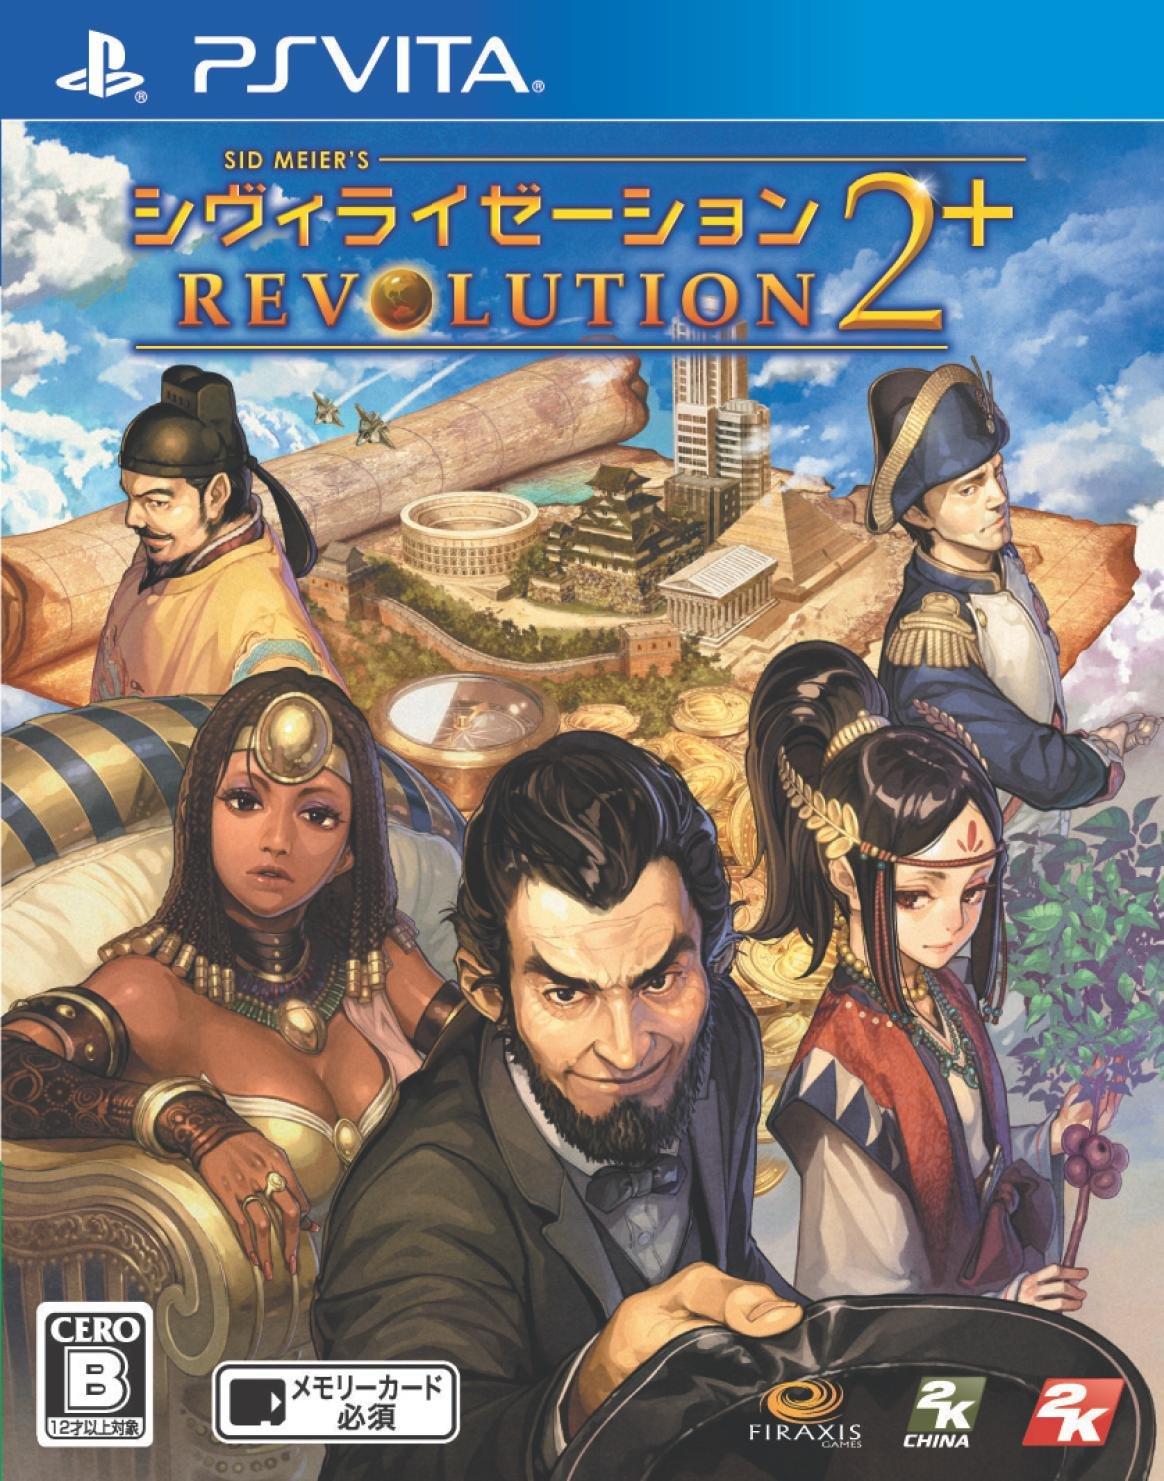 【画像】海外ゲーム会社「日本ではバタ臭いキャラデザは受けない…」 ⇒「全キャラクターをアニメ風に描き替えました‼」 [無断転載禁止]©2ch.net [895142347]->画像>60枚